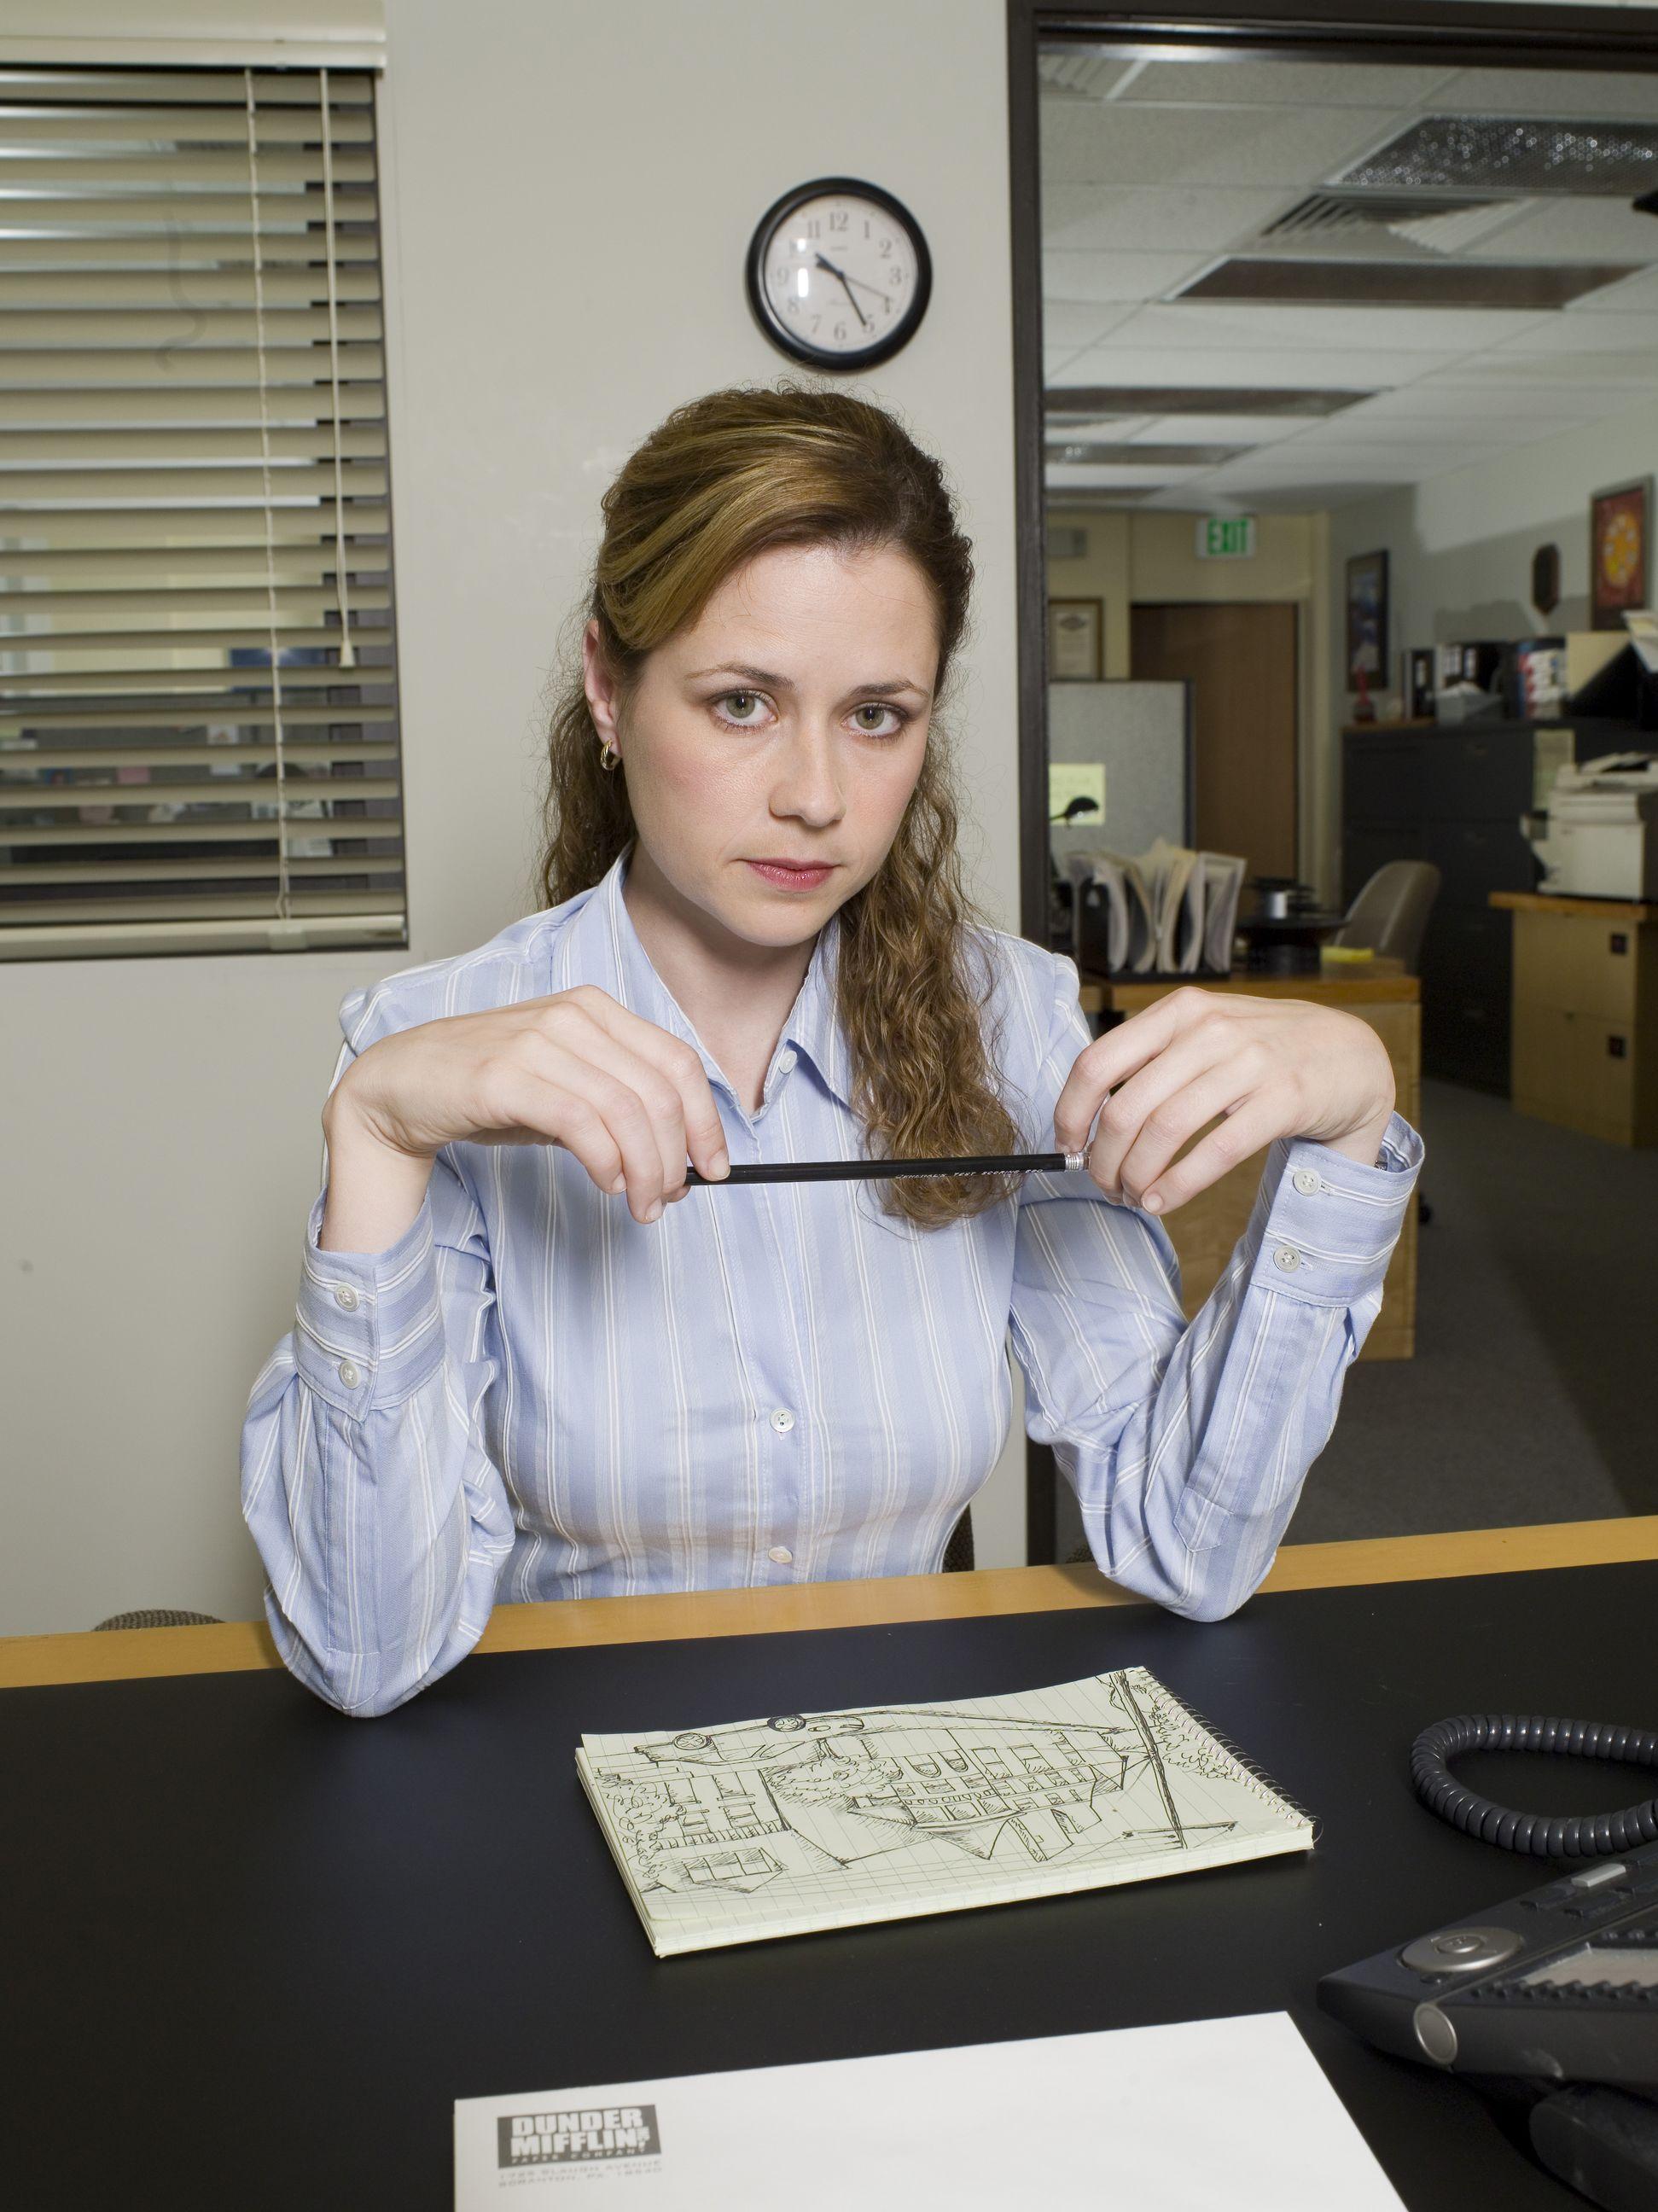 Три женщины закрылись в офисе 13 фотография